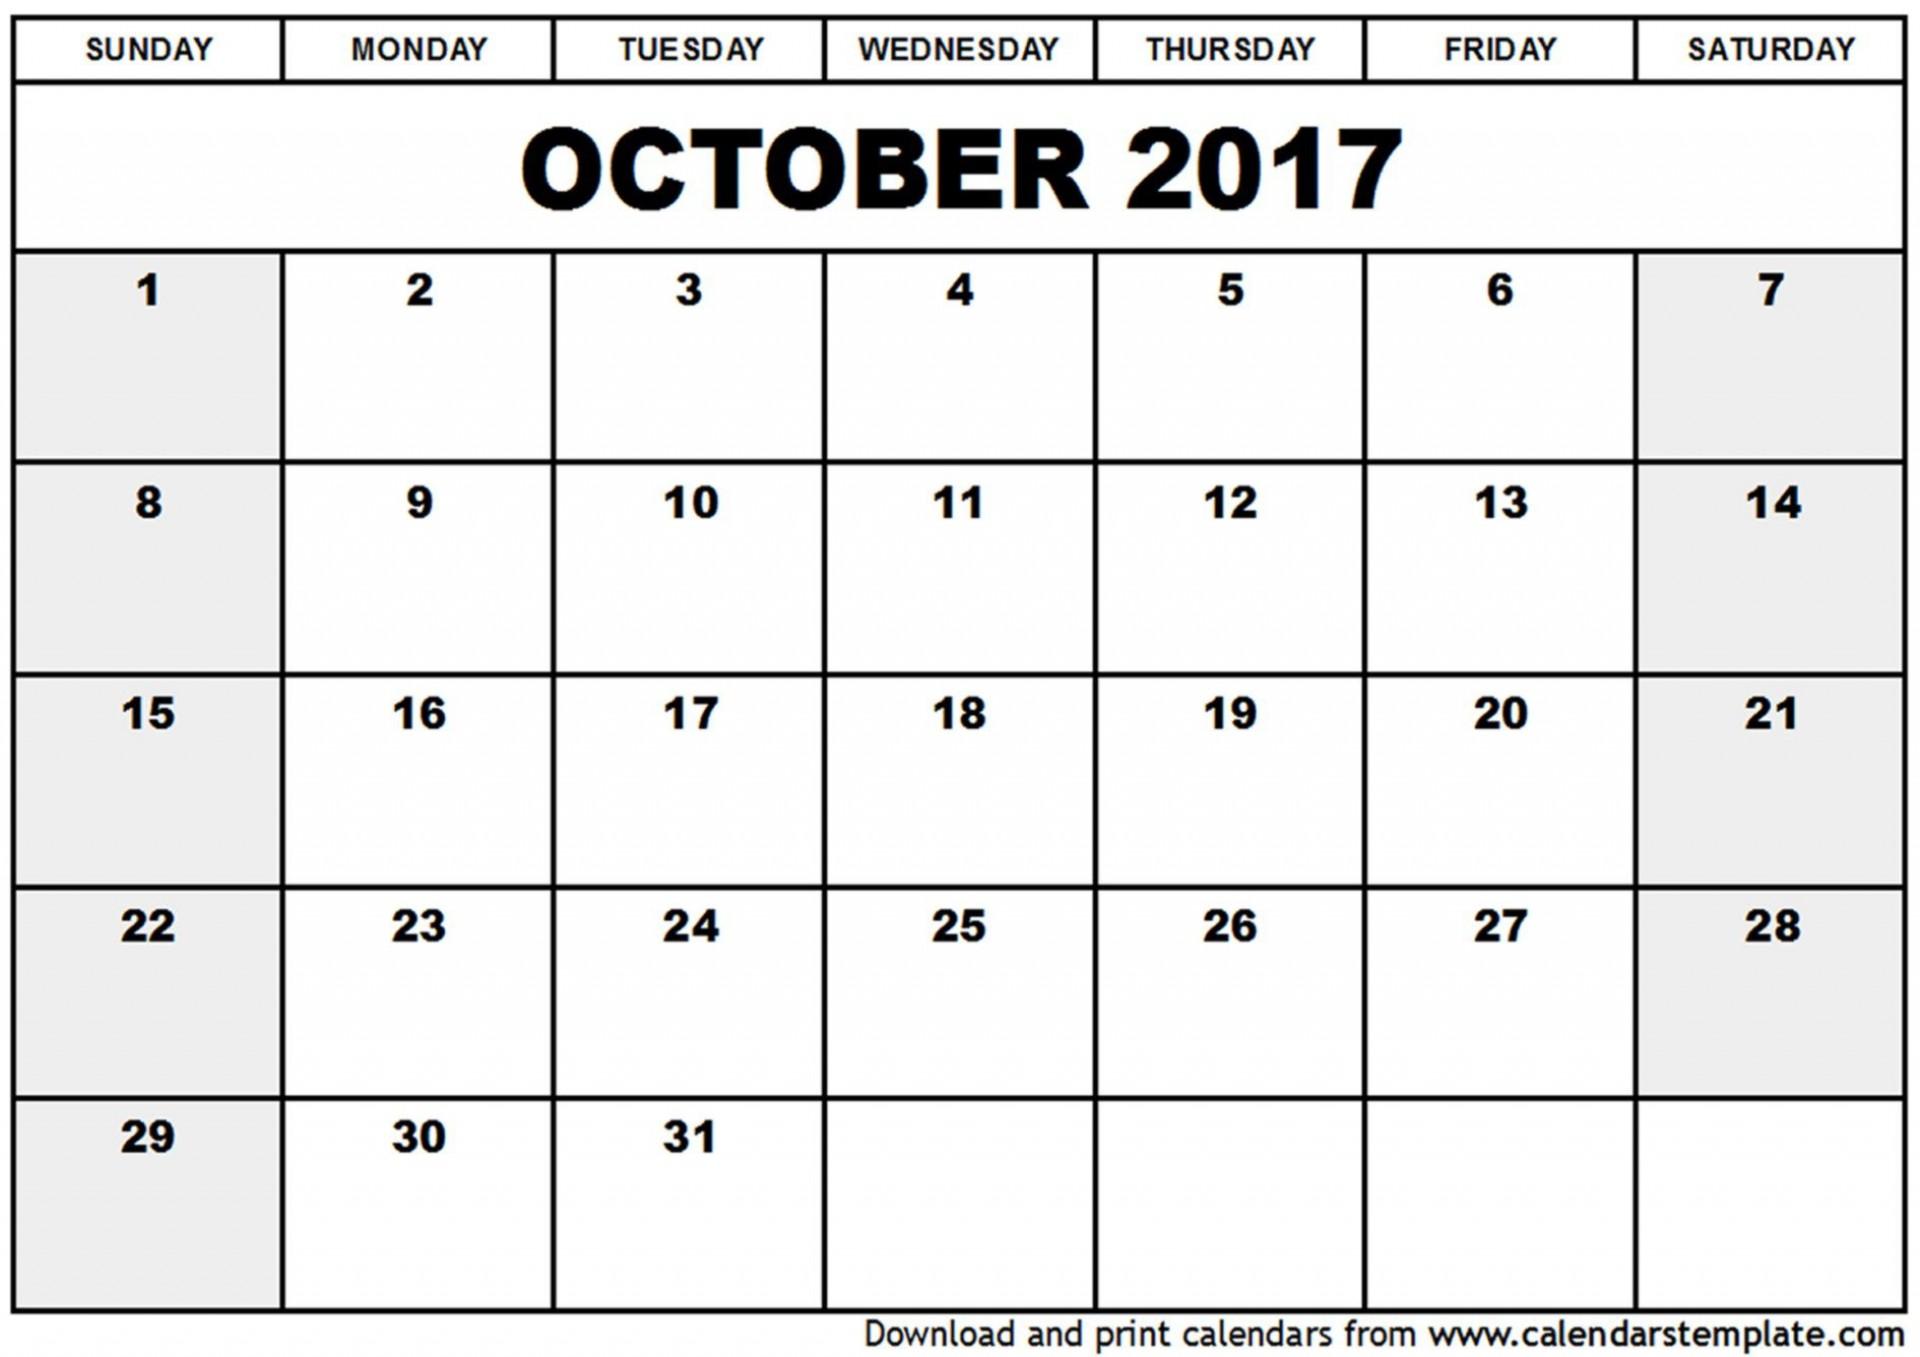 008 Impressive Google Calendar Template 2017 Design 1920